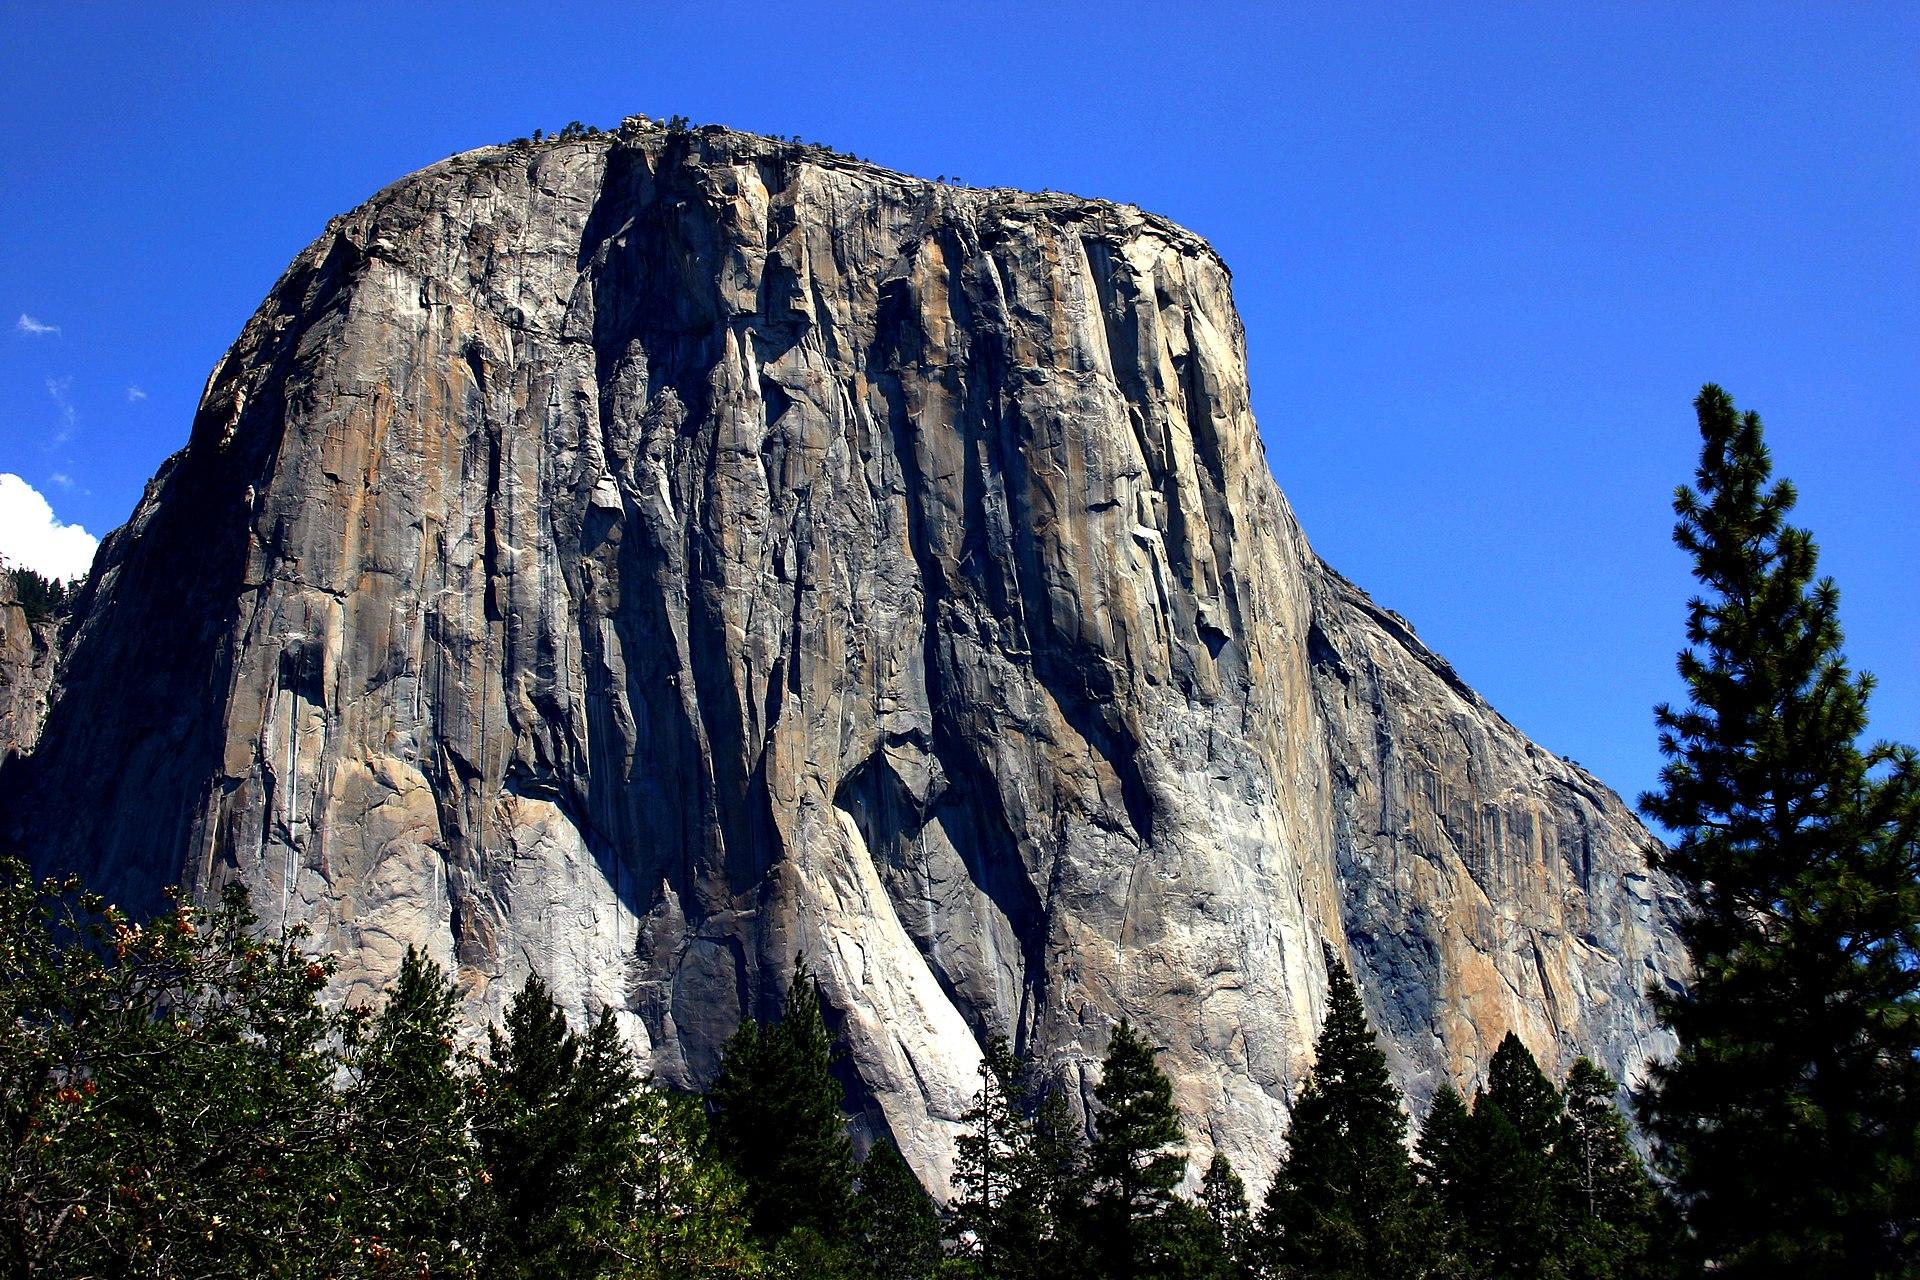 - 美國加利福尼亞州優勝美地國家公園內的一塊巨大磐石,位於約塞米蒂谷以南。整塊石頭高900餘米(3,000英尺),頂部海拔2307米(7,569英尺),是攀岩愛好者的聖地。從優勝美地瀑布邊的小徑向西可以直達酋長岩的頂部,但對於攀岩愛好者來說,真正的挑戰在於直接攀爬裸露的花崗岩表面。目前已經有數條已知的登頂路線,但都無比艱巨。© Wikipedia. All Rights Reserved.